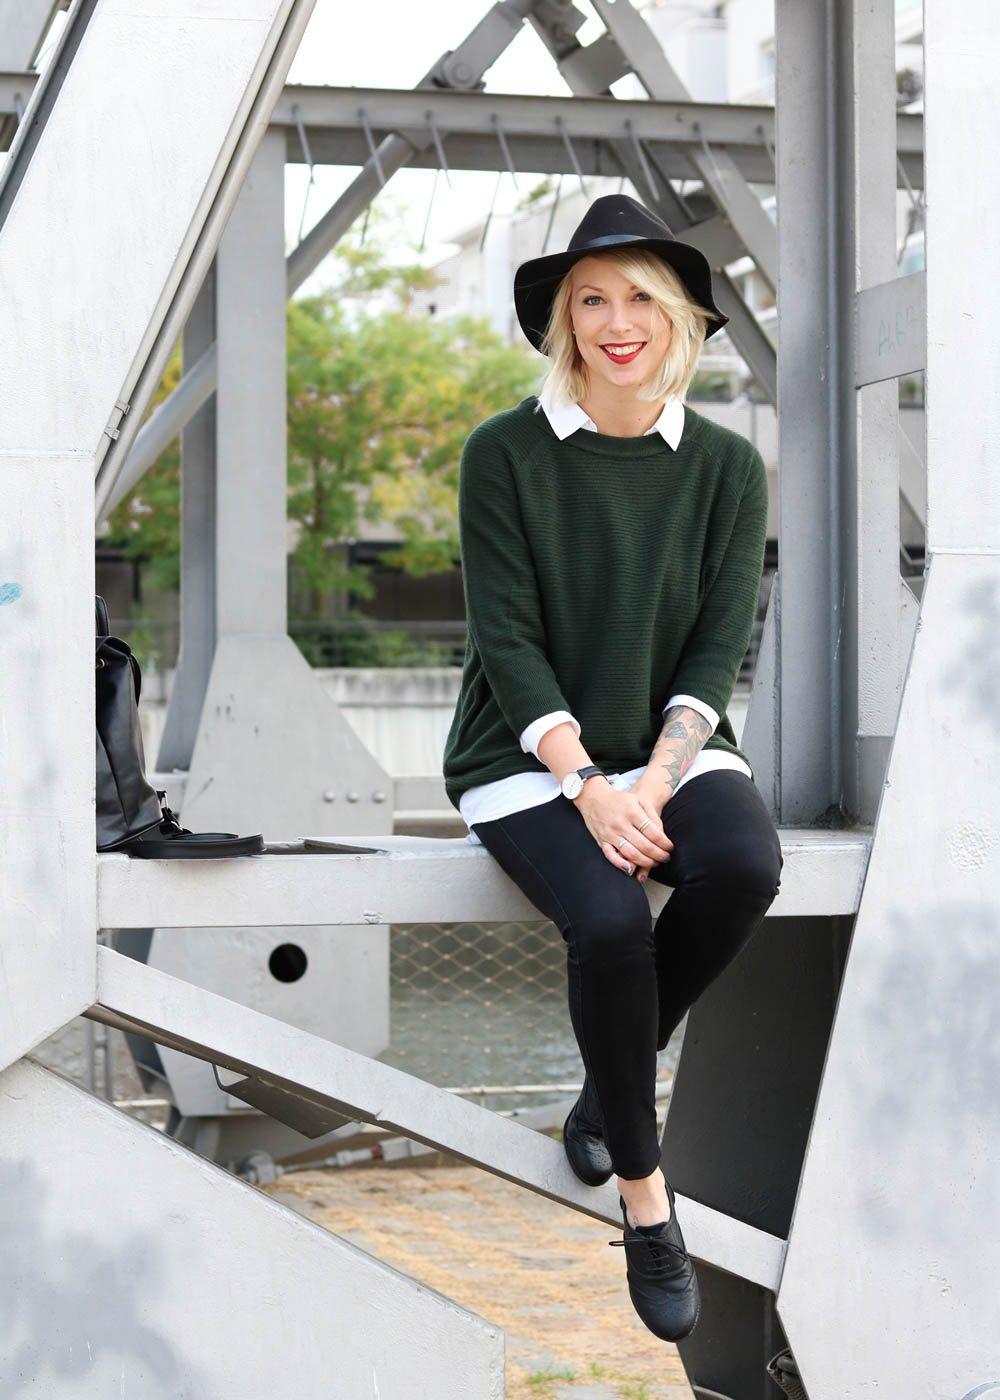 outfit-gruener-strickpullover-weisse-bluse-schwarze-jeans-14-von-20